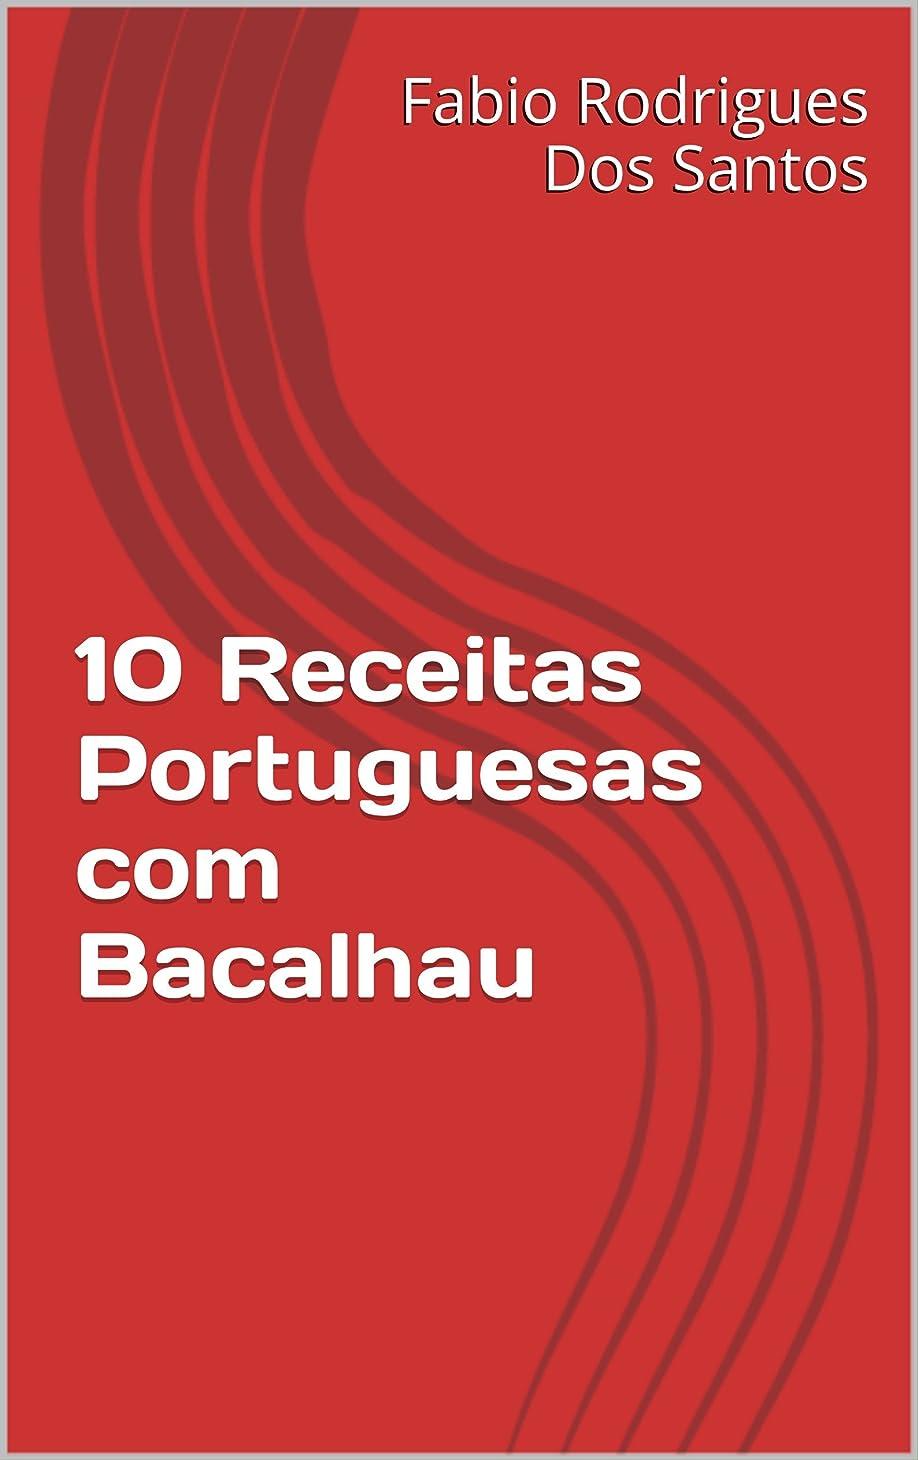 遠征寮災難10 Receitas Portuguesas com Bacalhau (Portuguese Edition)